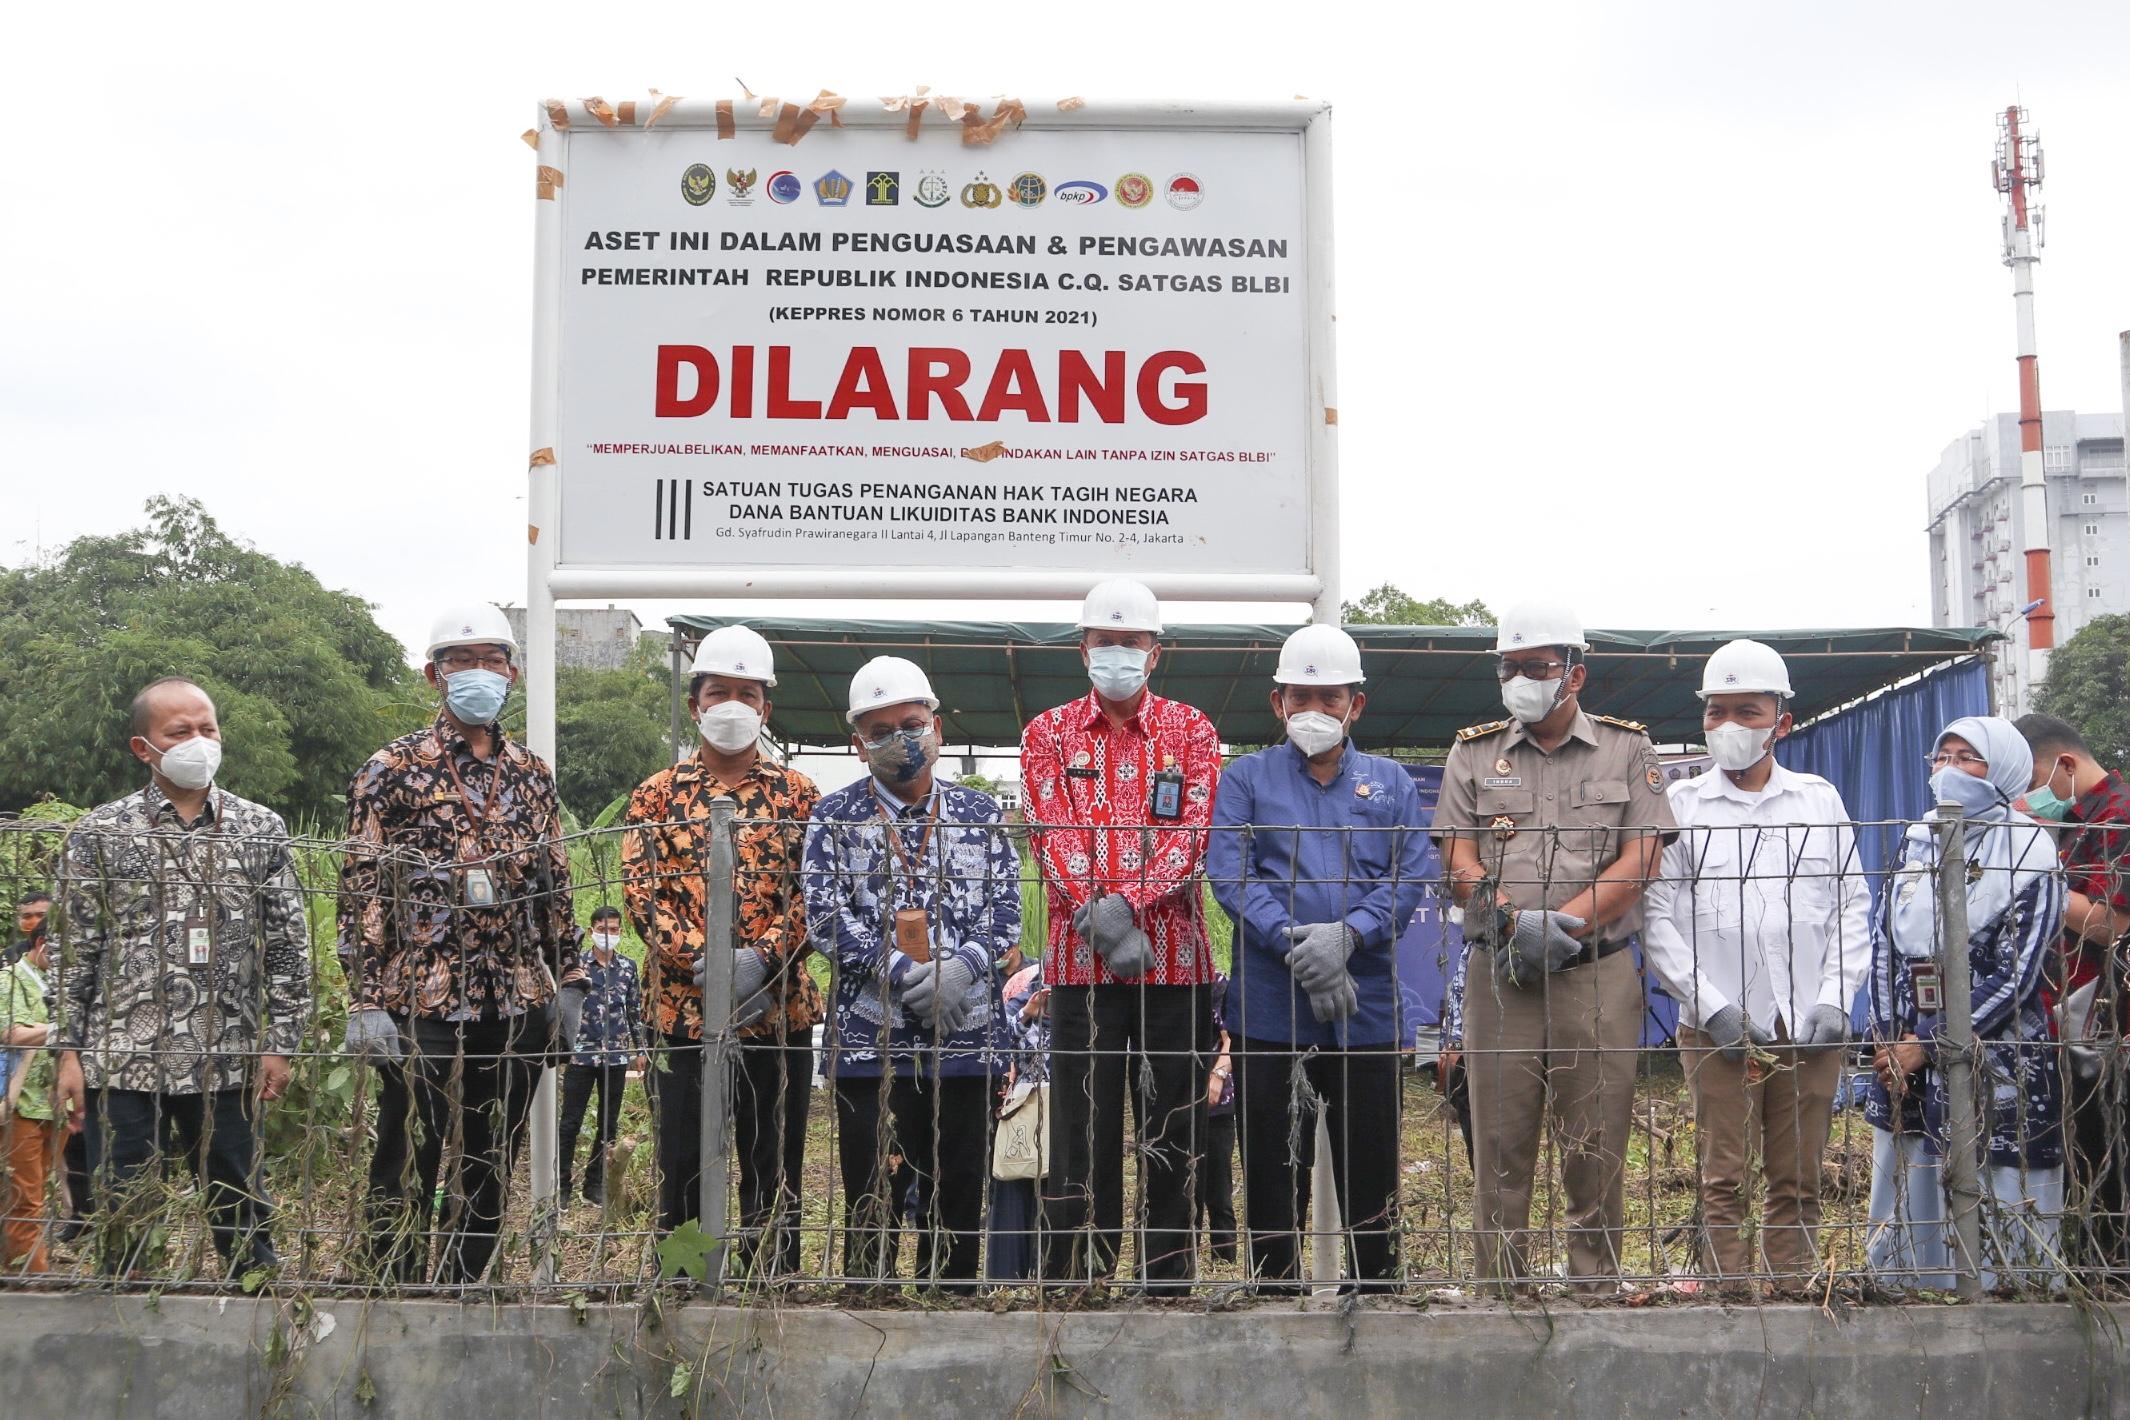 Penguasaan Aset Tanah dan Bangunan Eks Bantuan Likuiditas Bank Indonesia di Teuku Cik Ditiro Medan